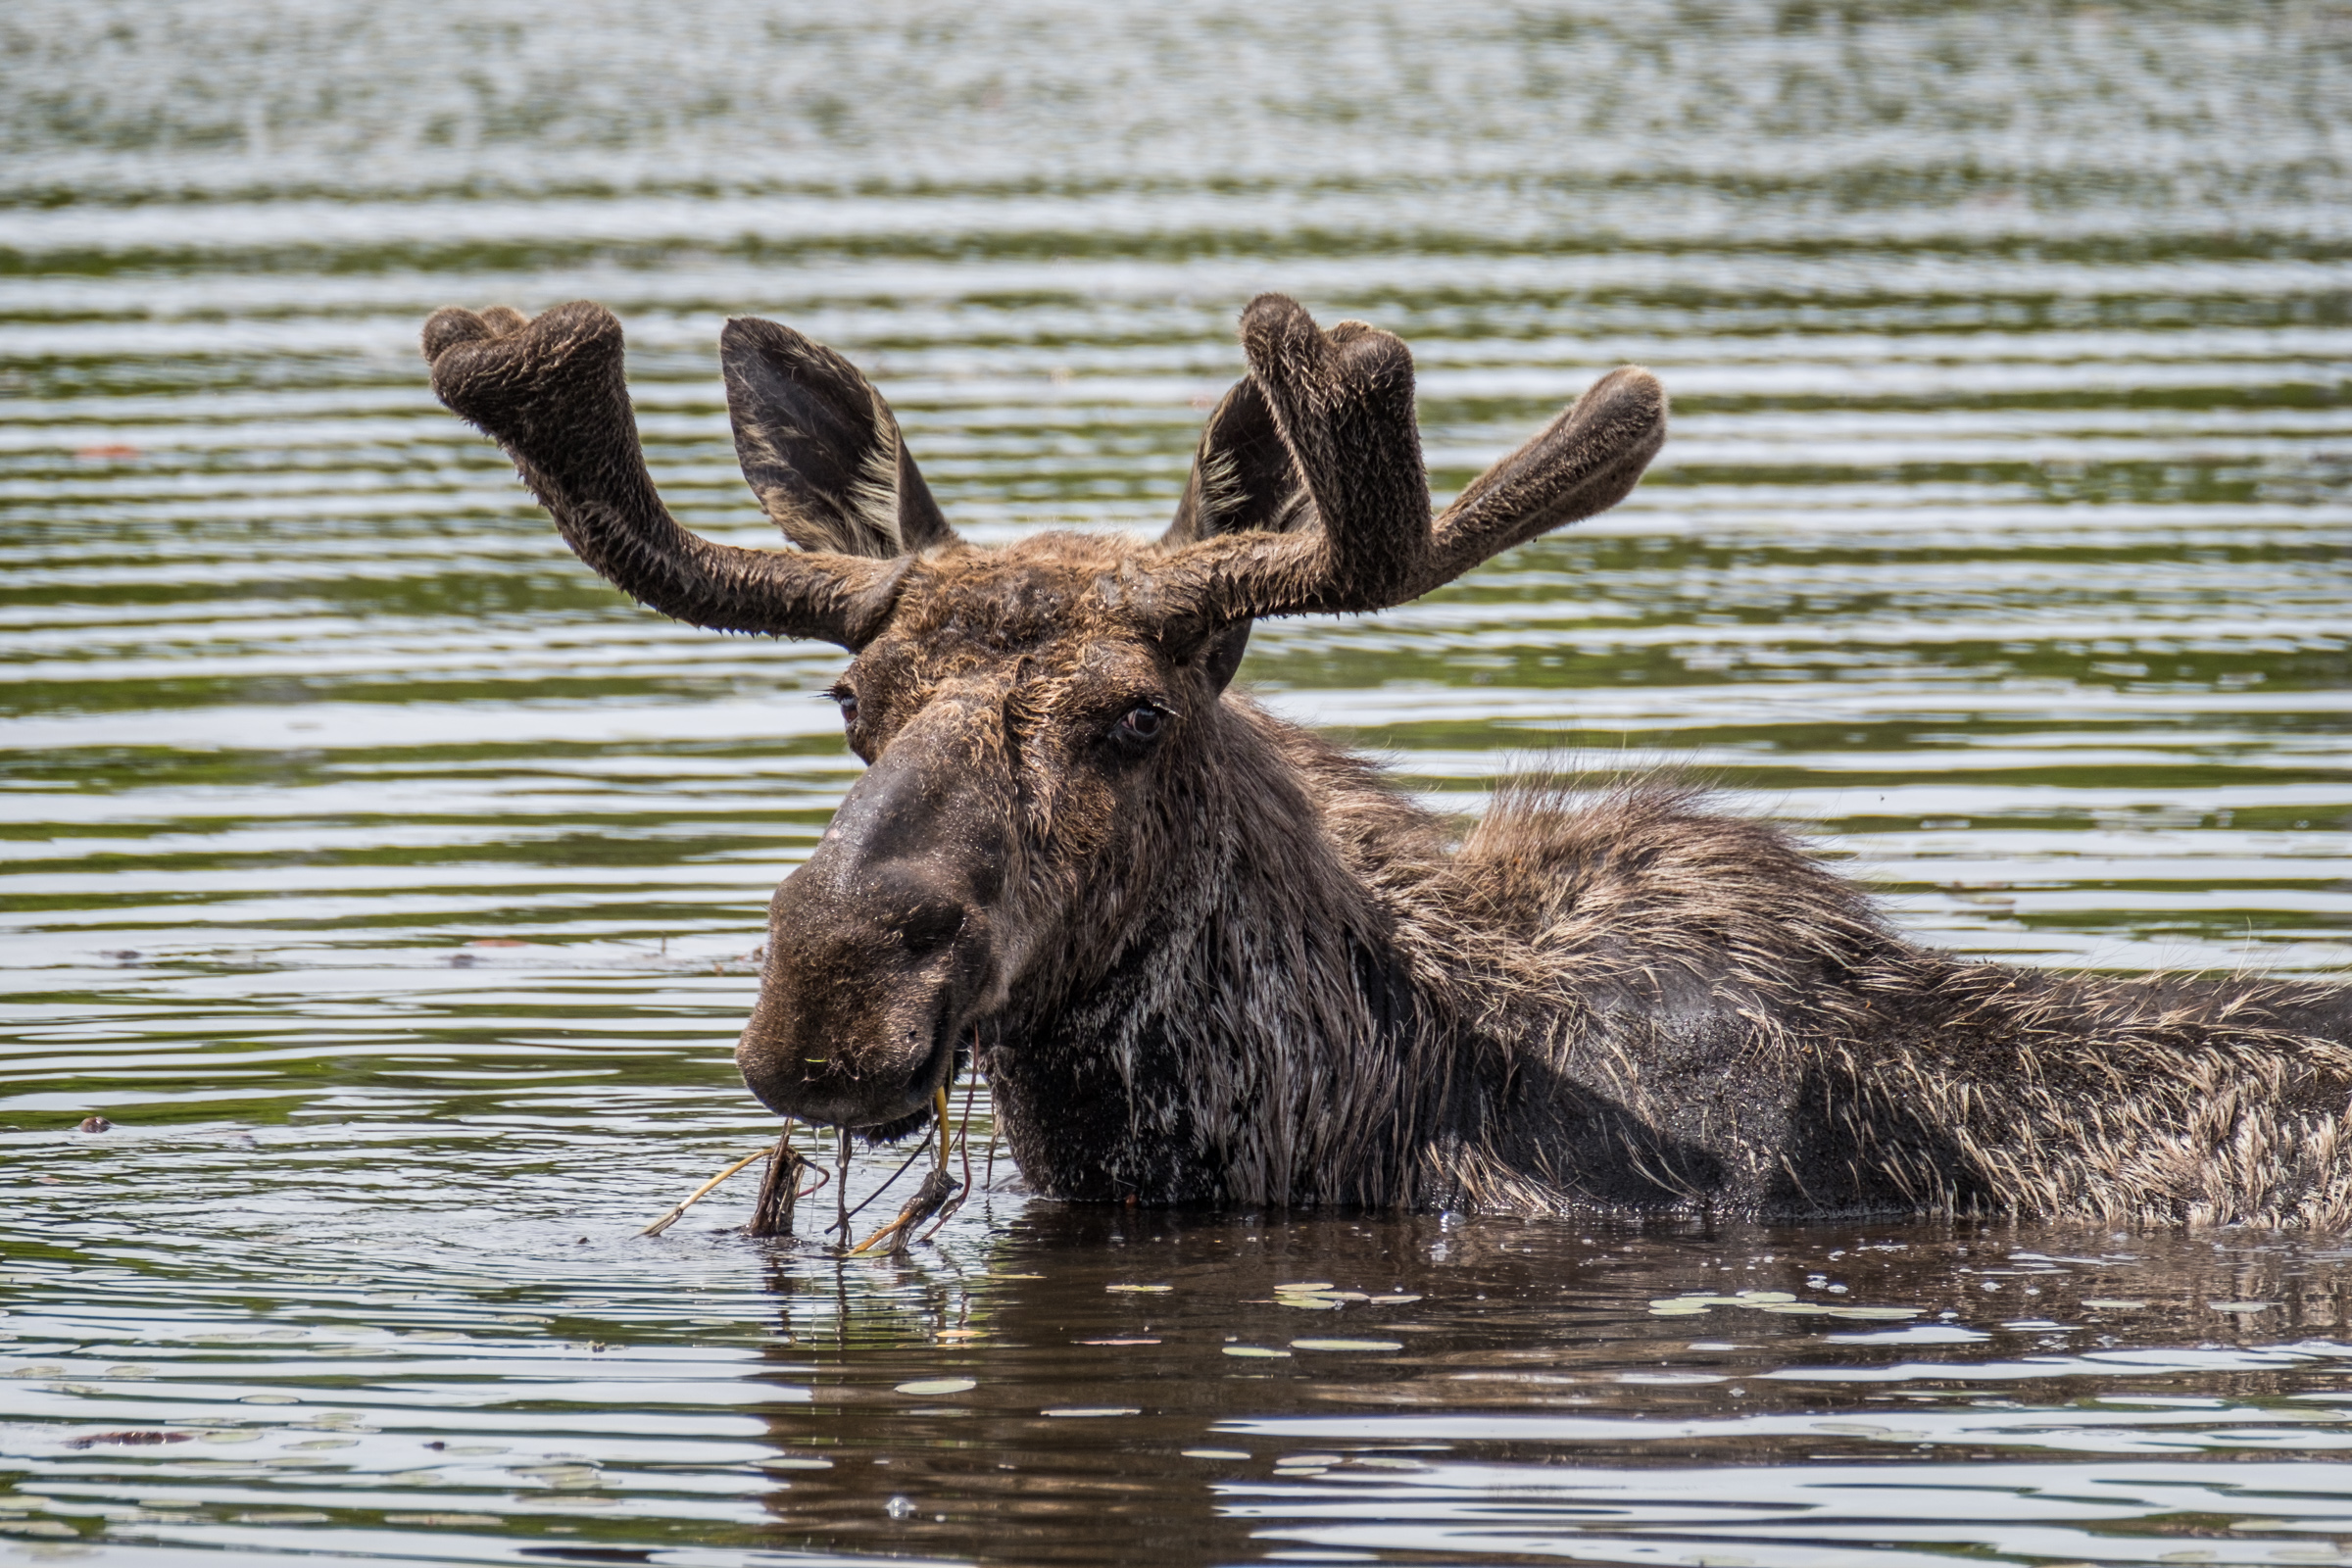 A moose savoring aquatic grasses.